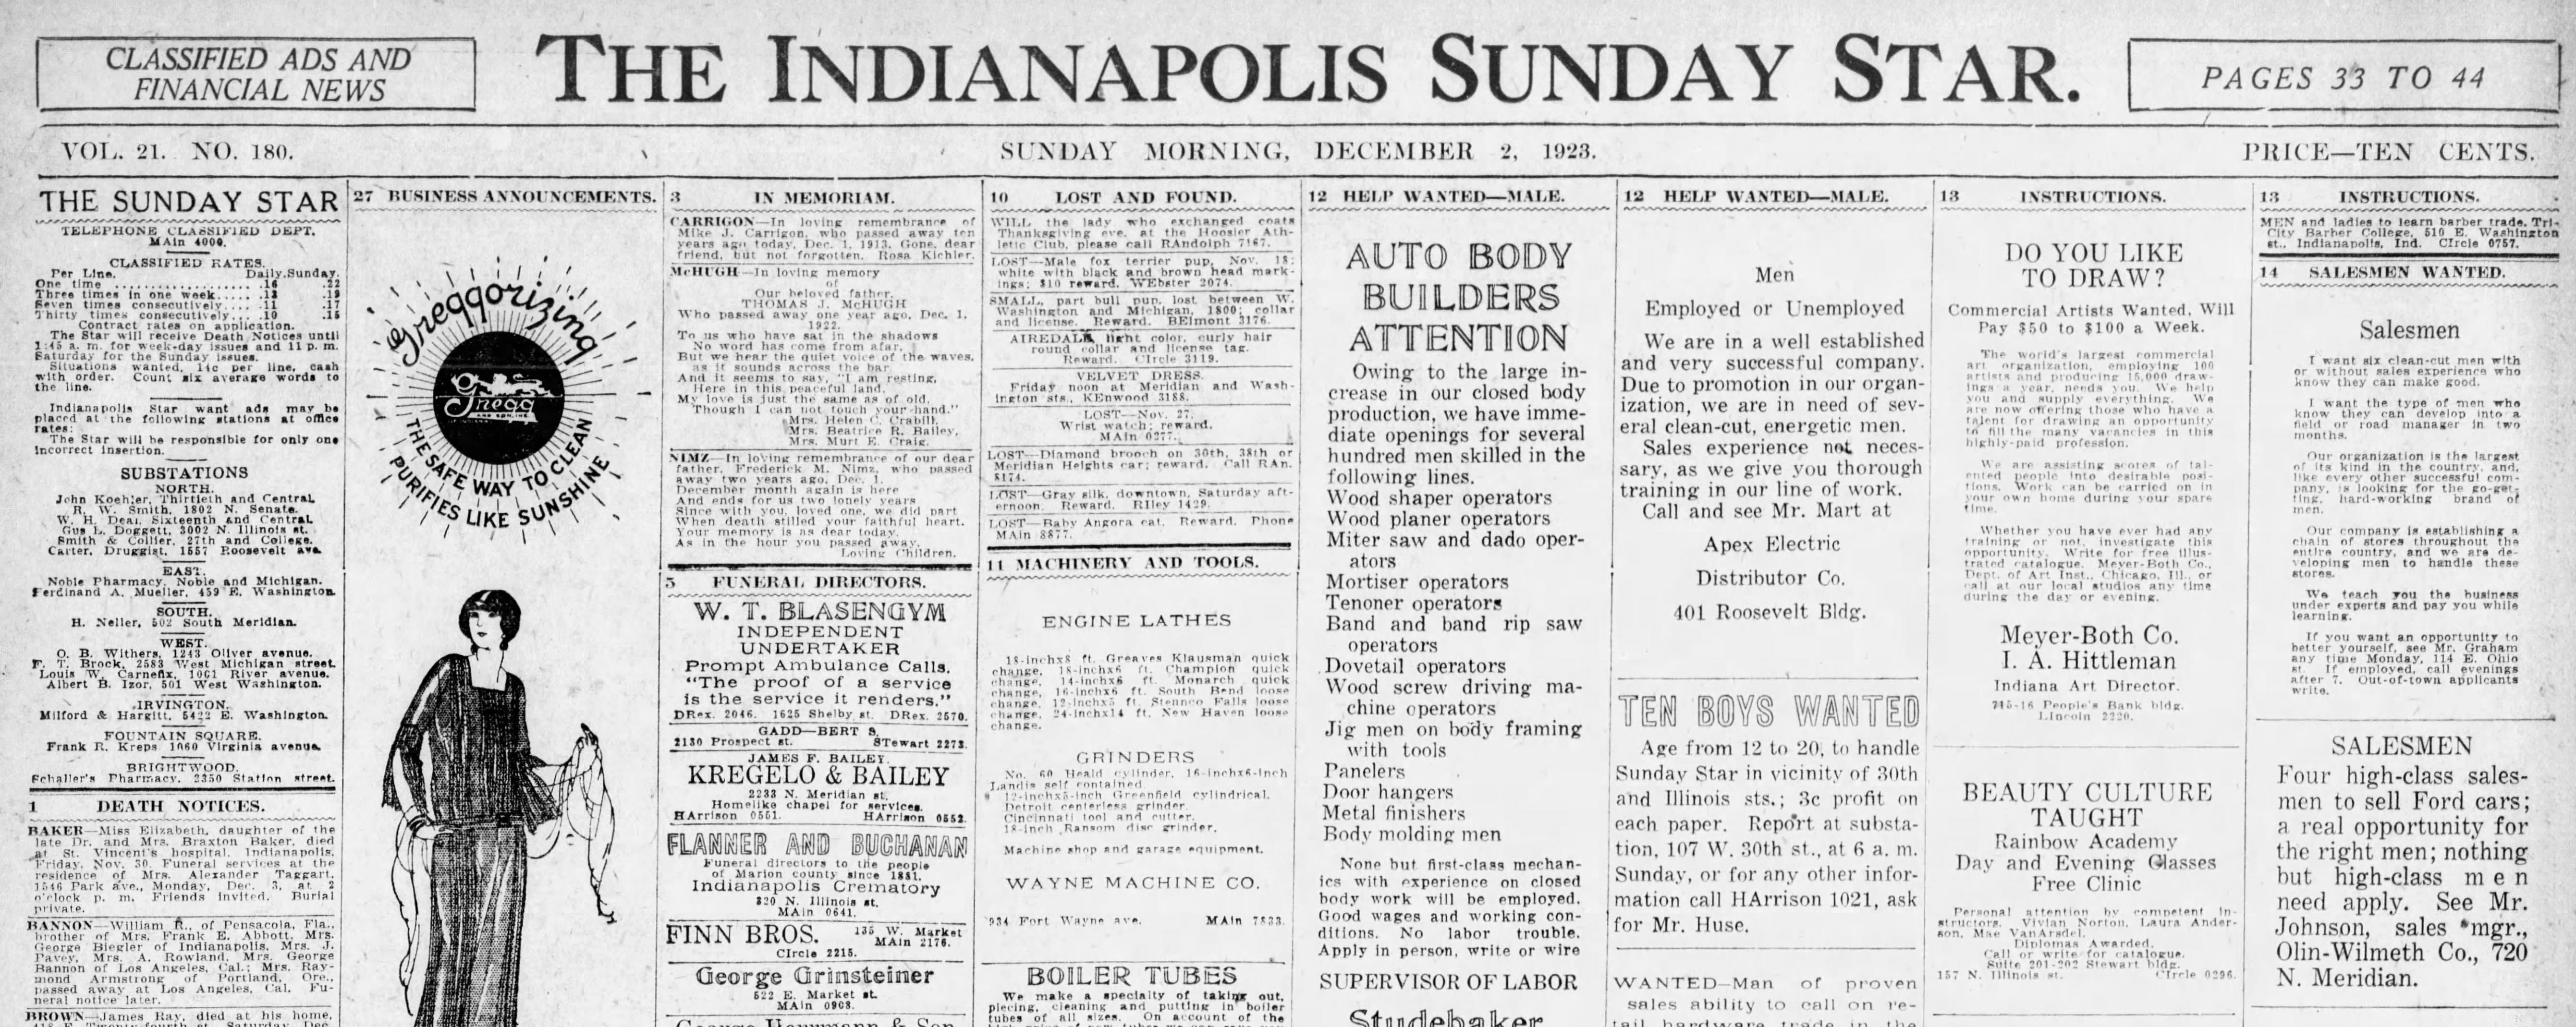 newspaper job ads in 1923